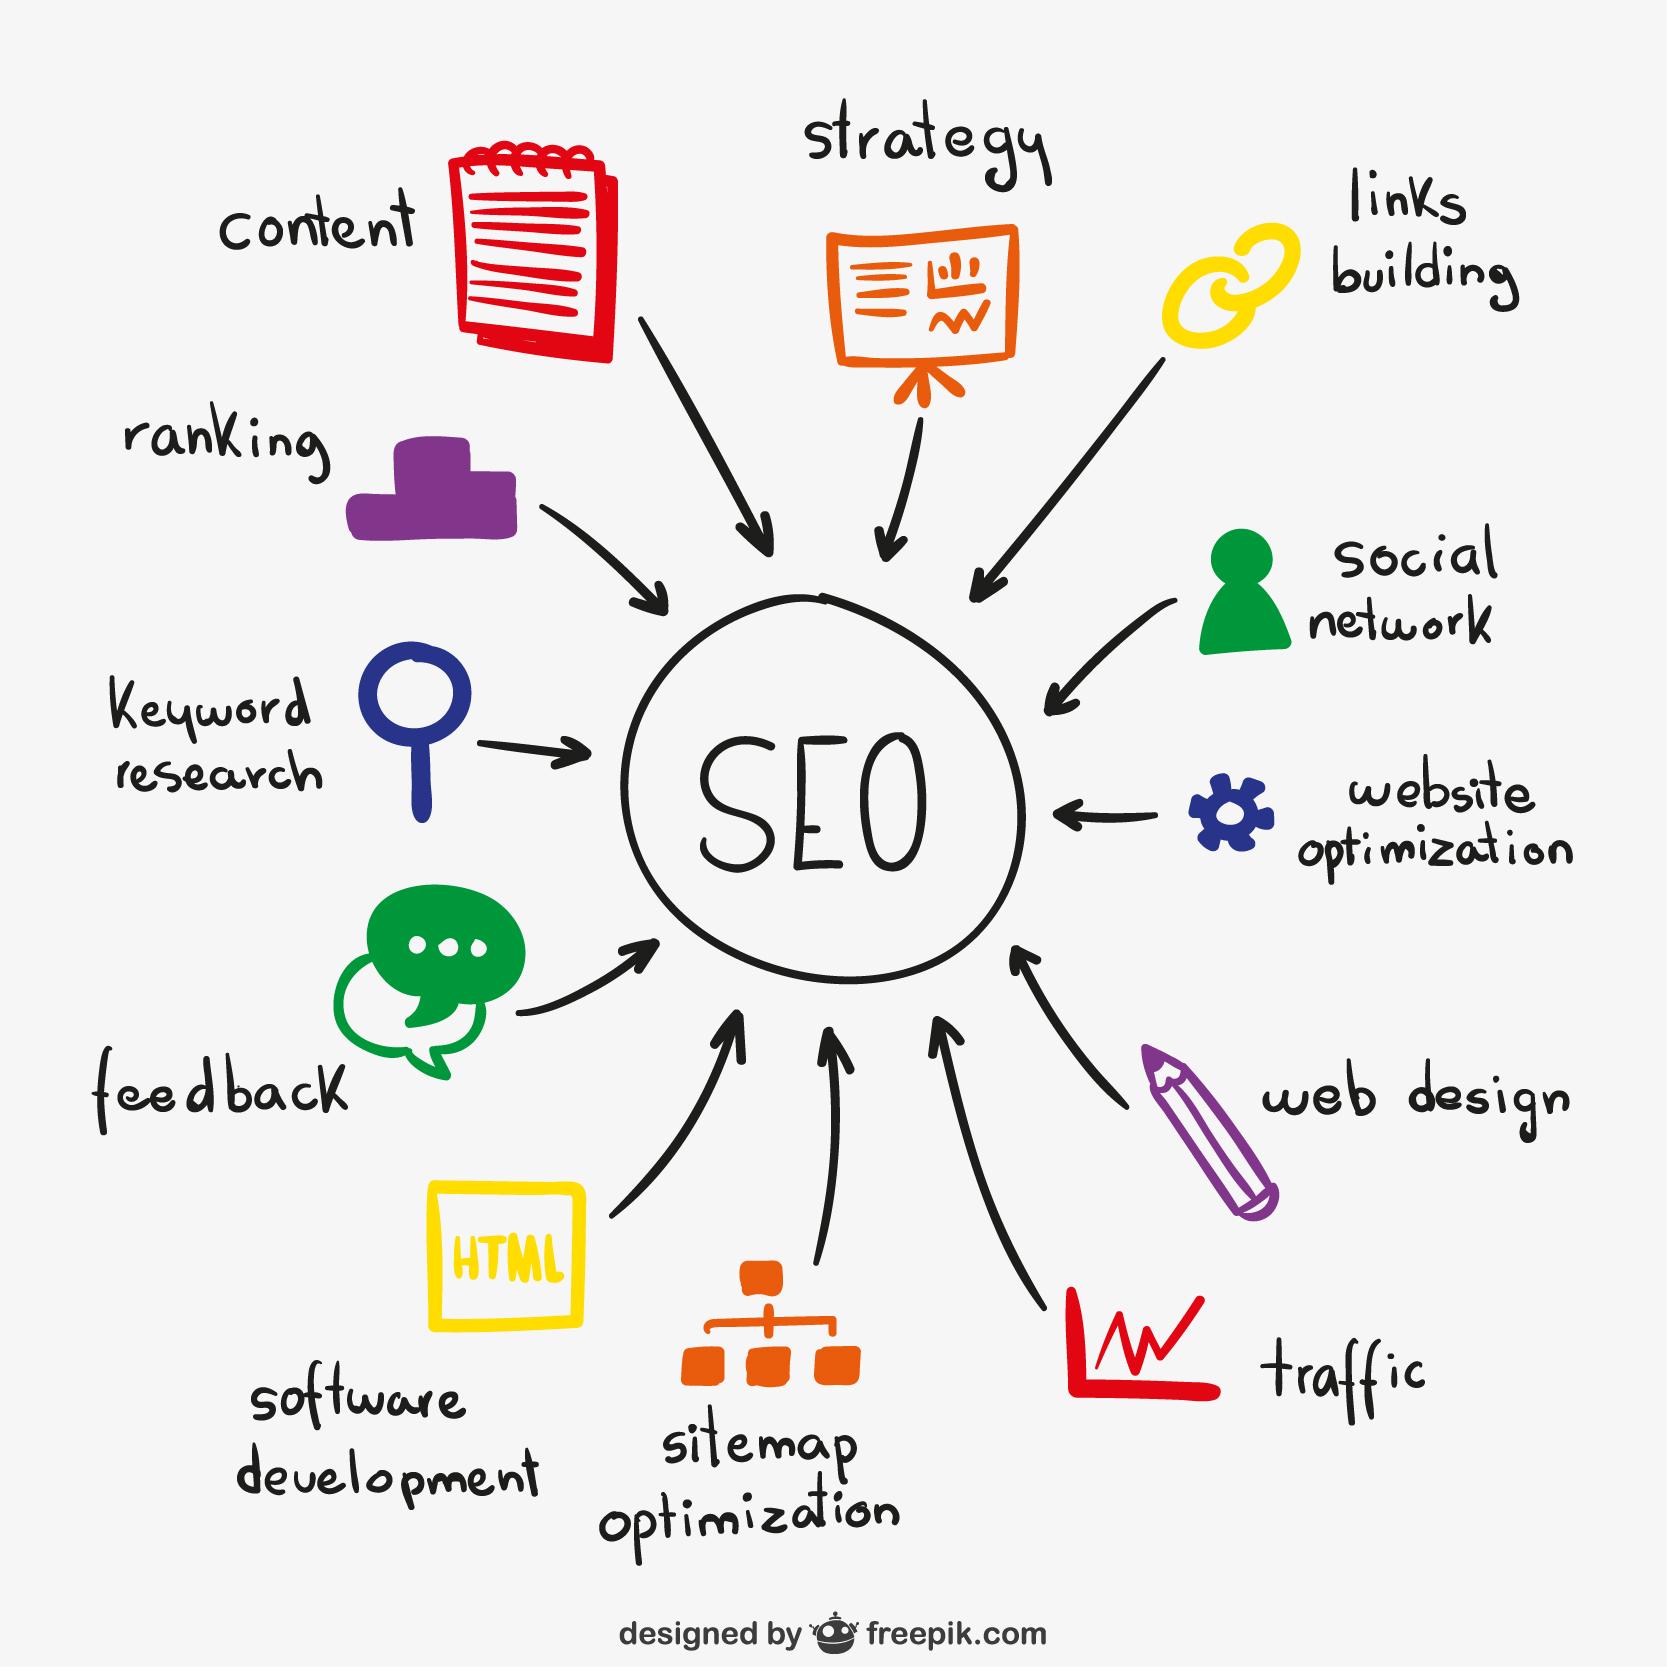 การทำ Web Application เพื่อรองรับ Search Engine และ Social Media